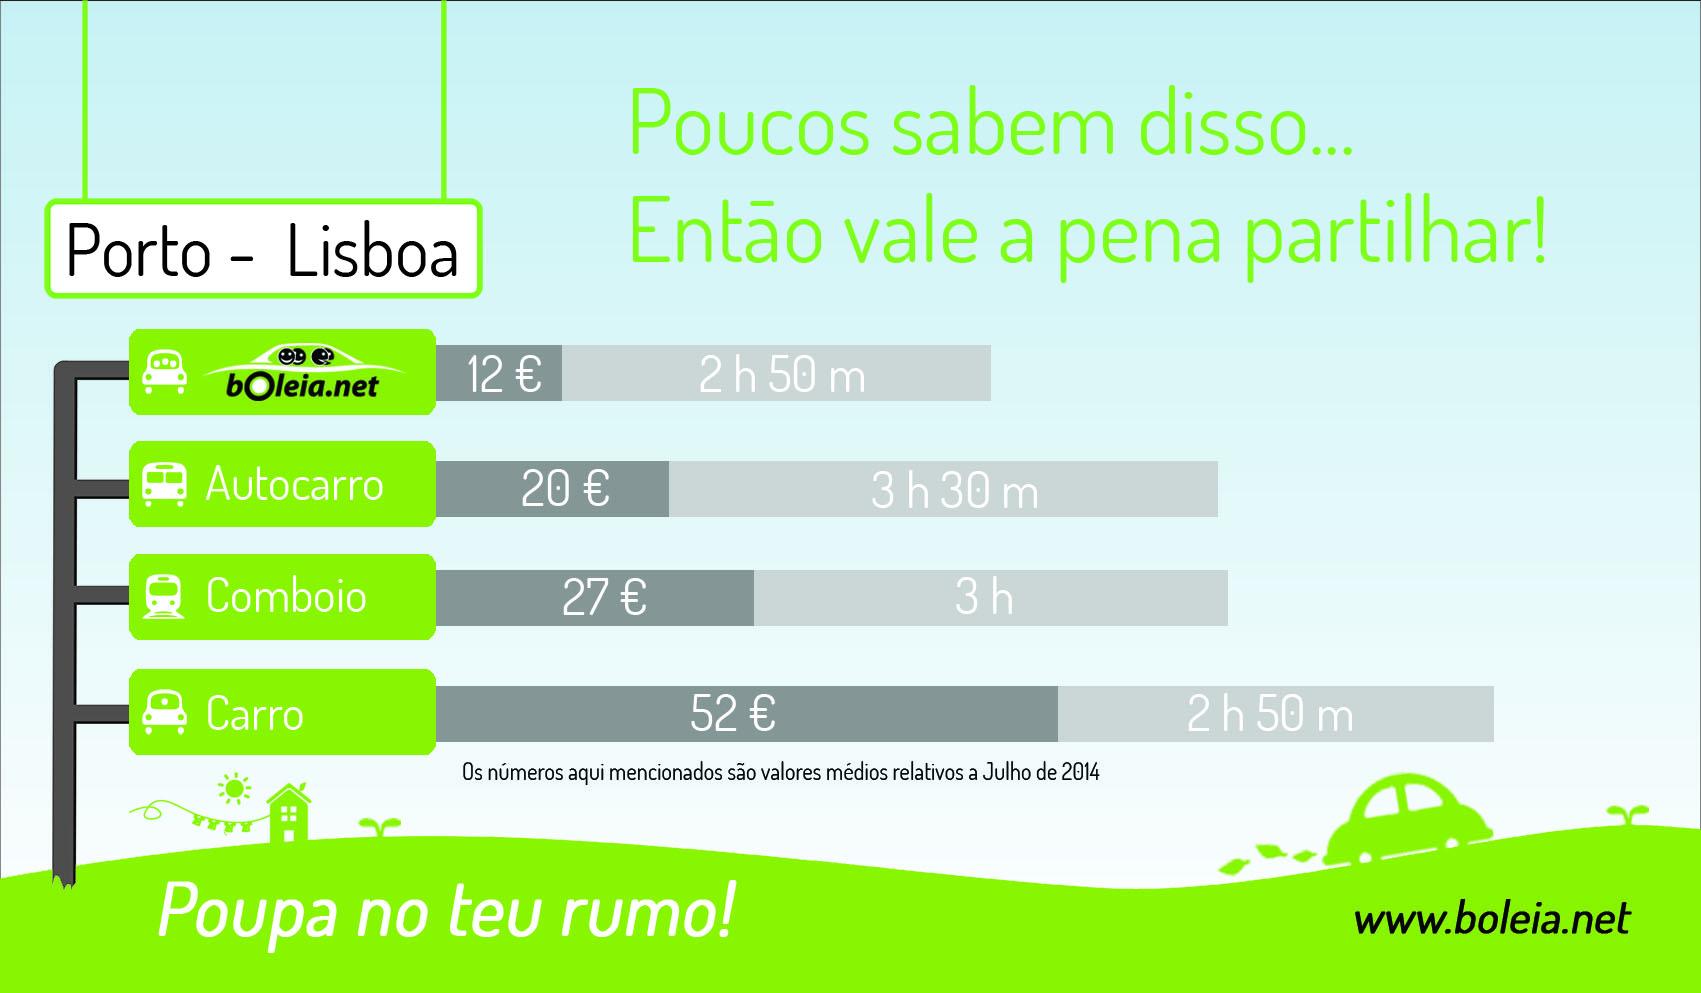 Diferenças de preços Porto - Lisboa com transportes públicos